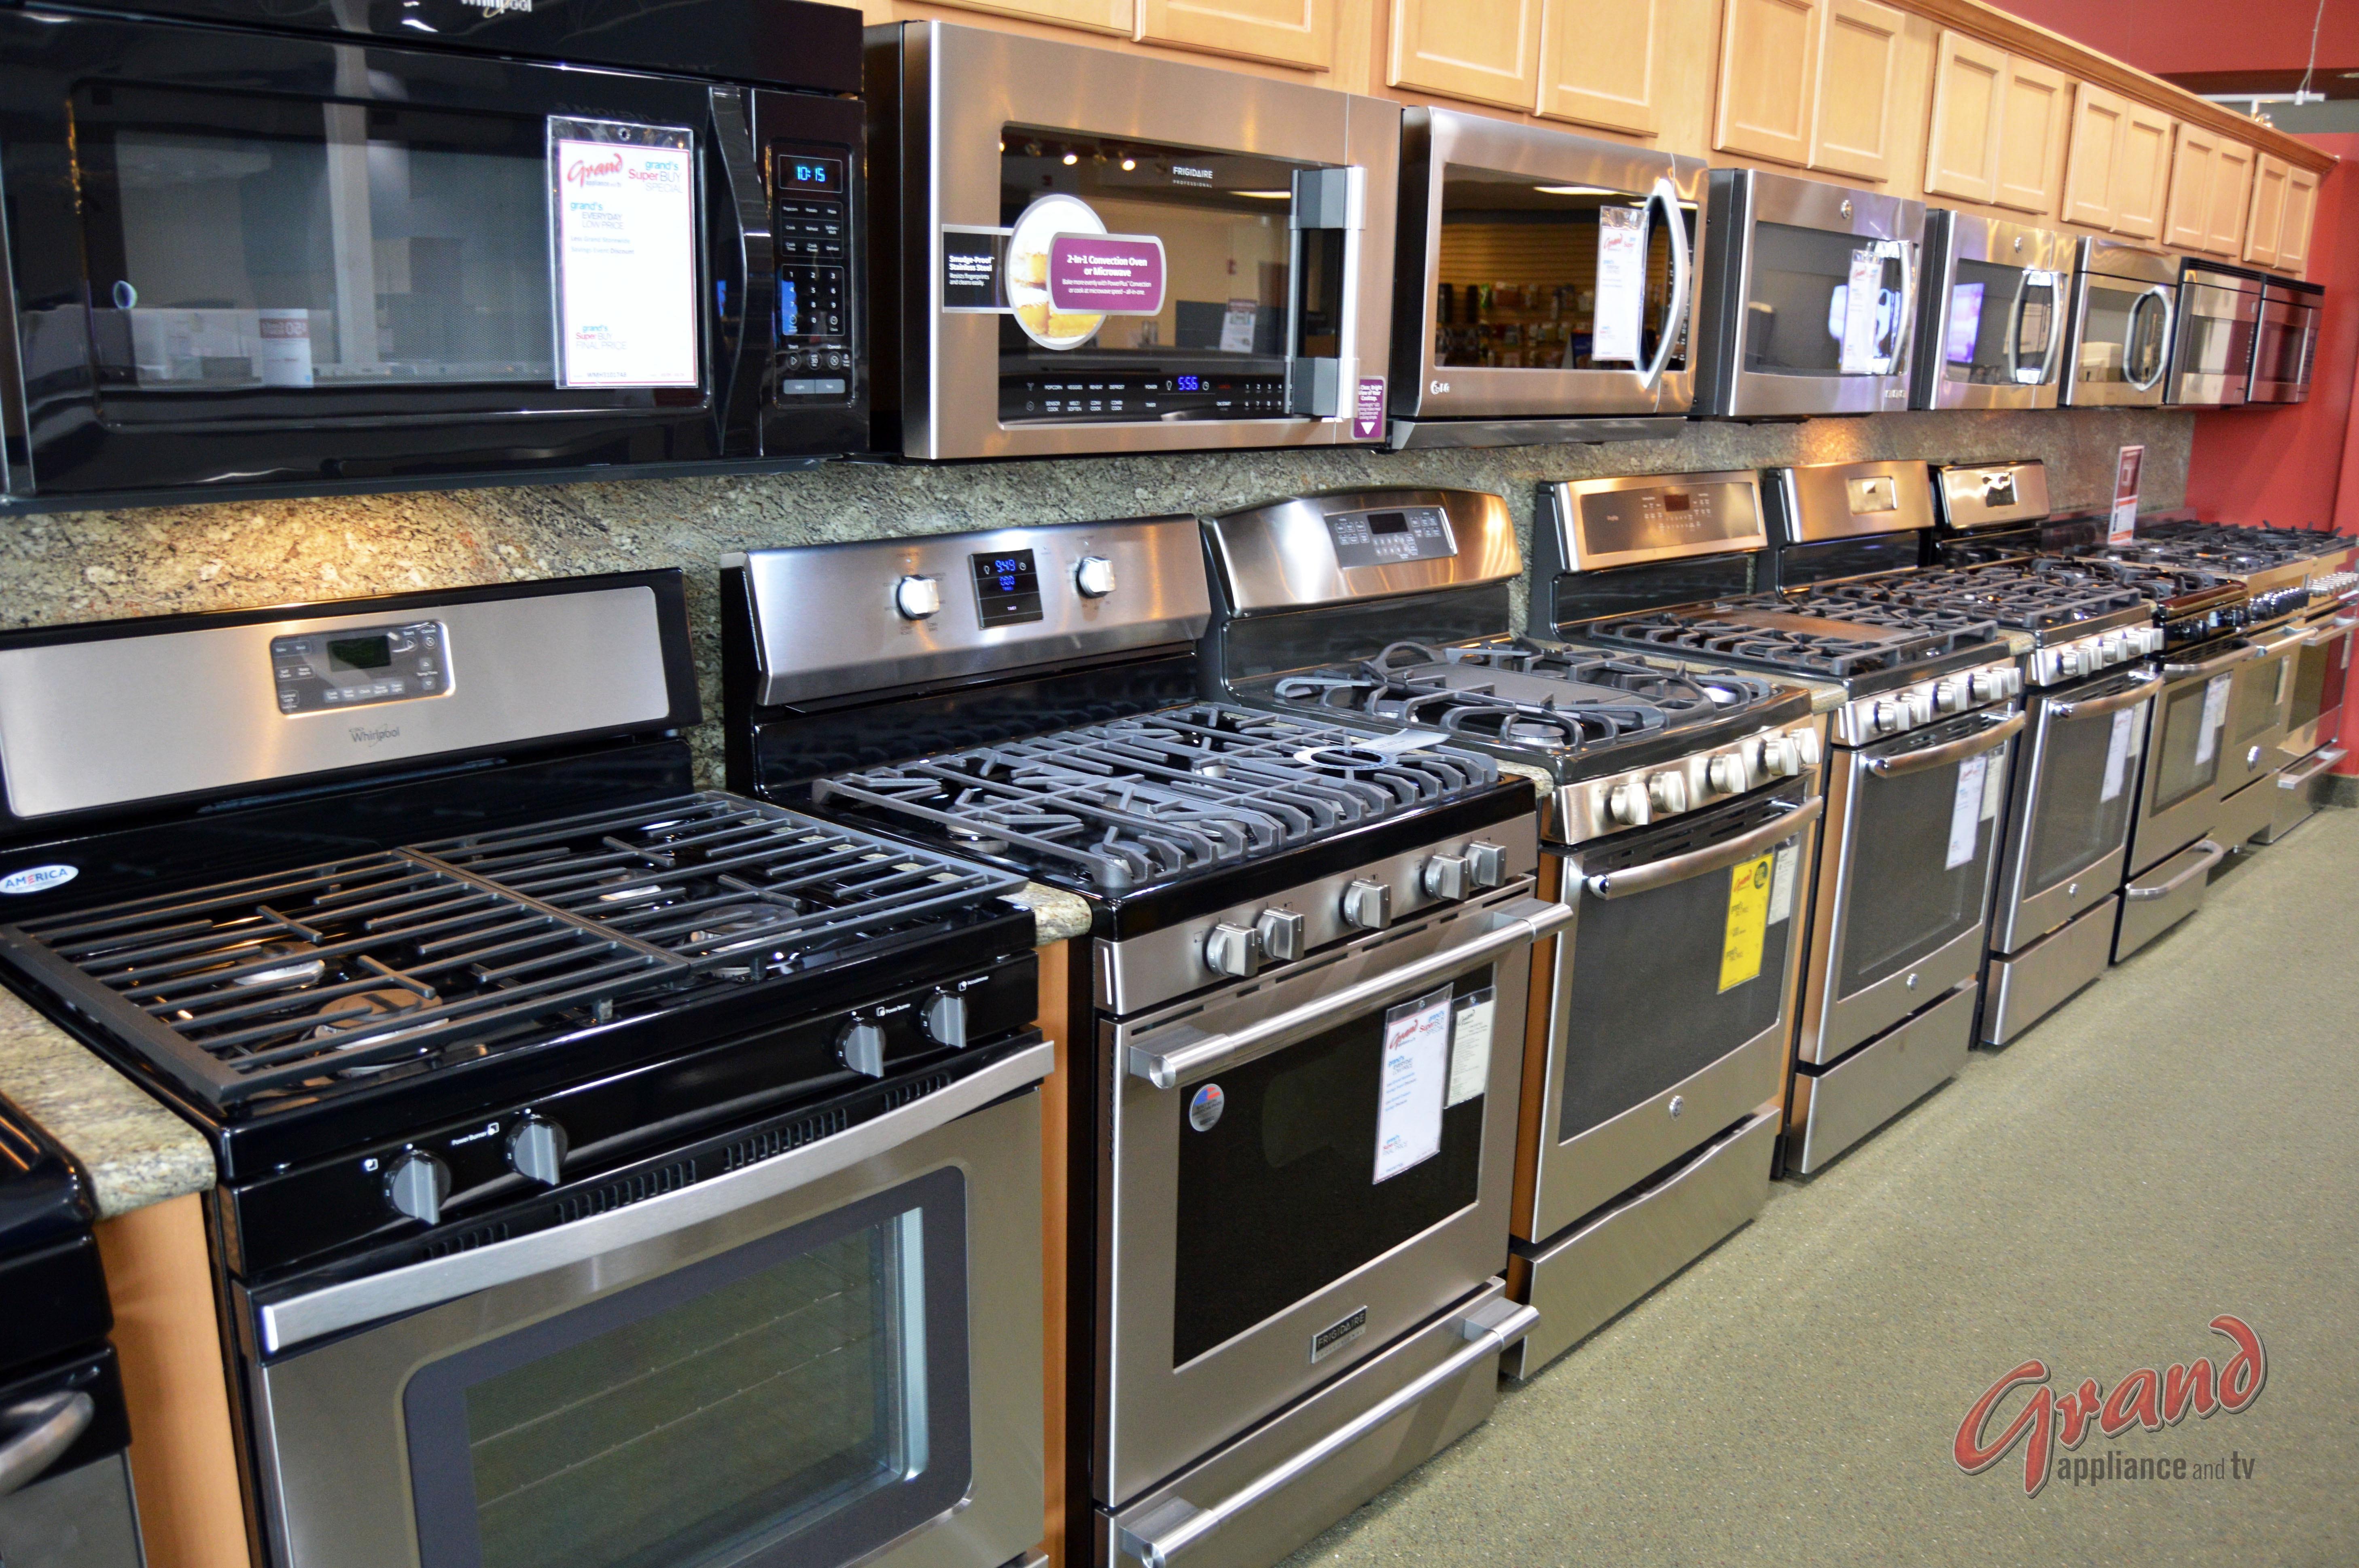 Grand Appliance And Tv Naperville Il Naperville Il